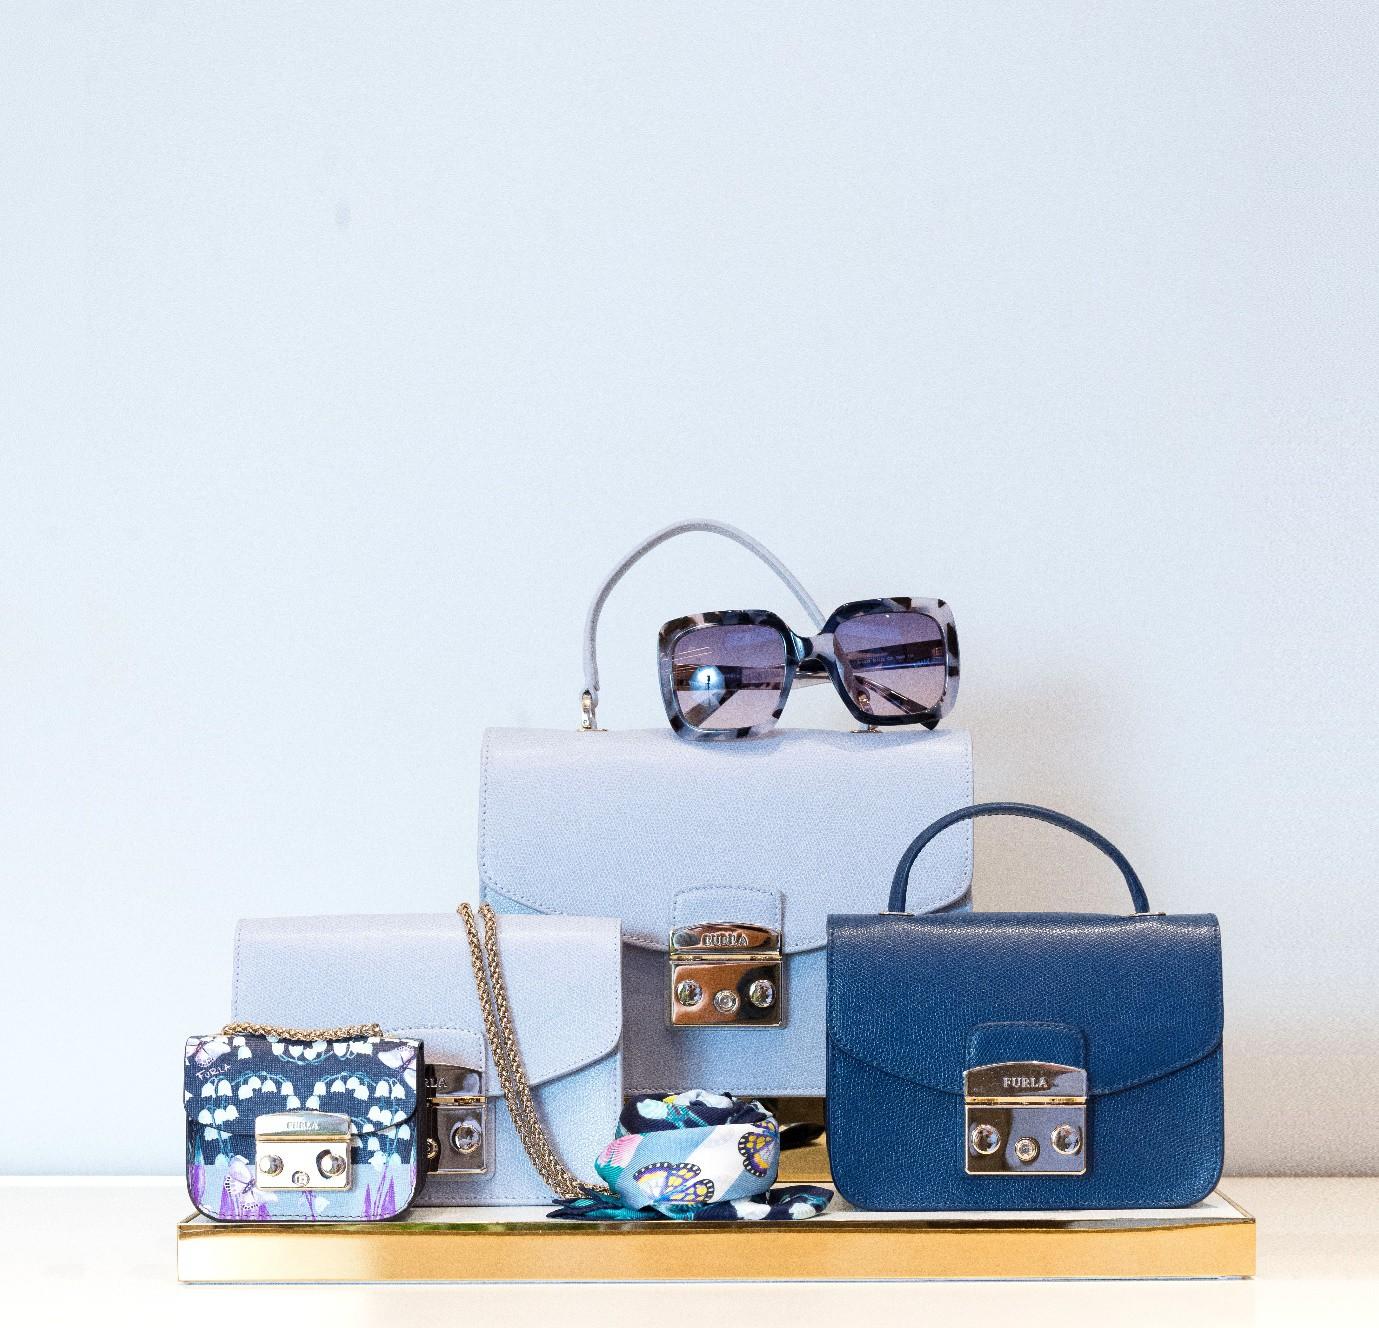 Săn sale cực đã, giảm giá lên đến 50% từ thương hiệu túi xách Furla - Ảnh 3.